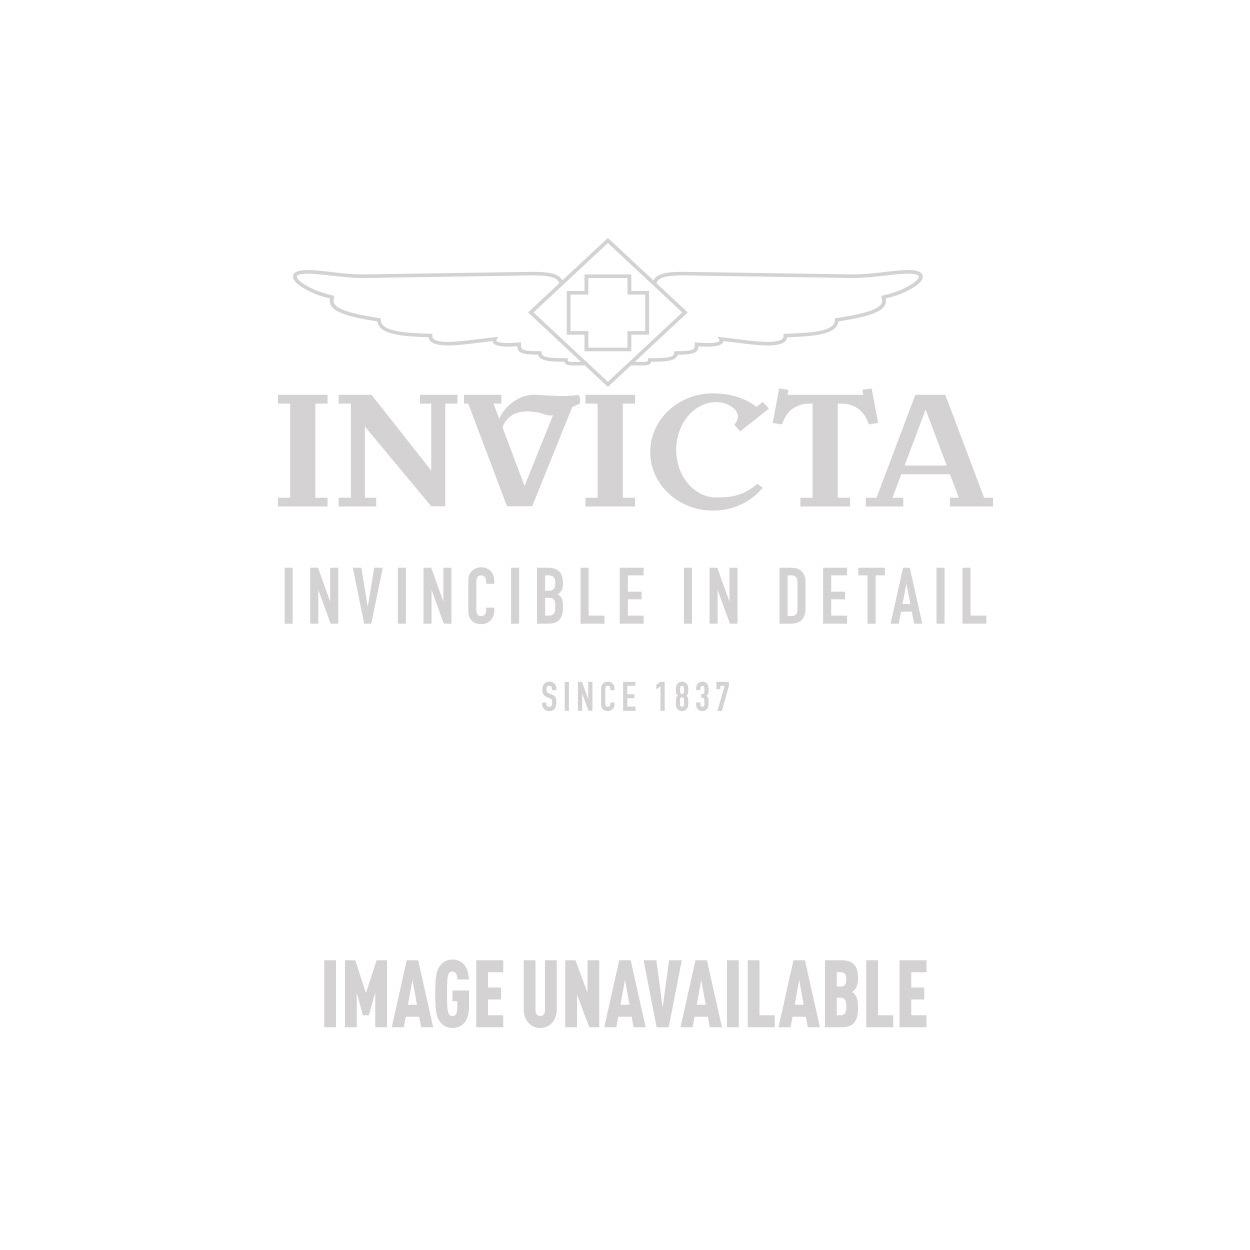 Invicta Model 28628